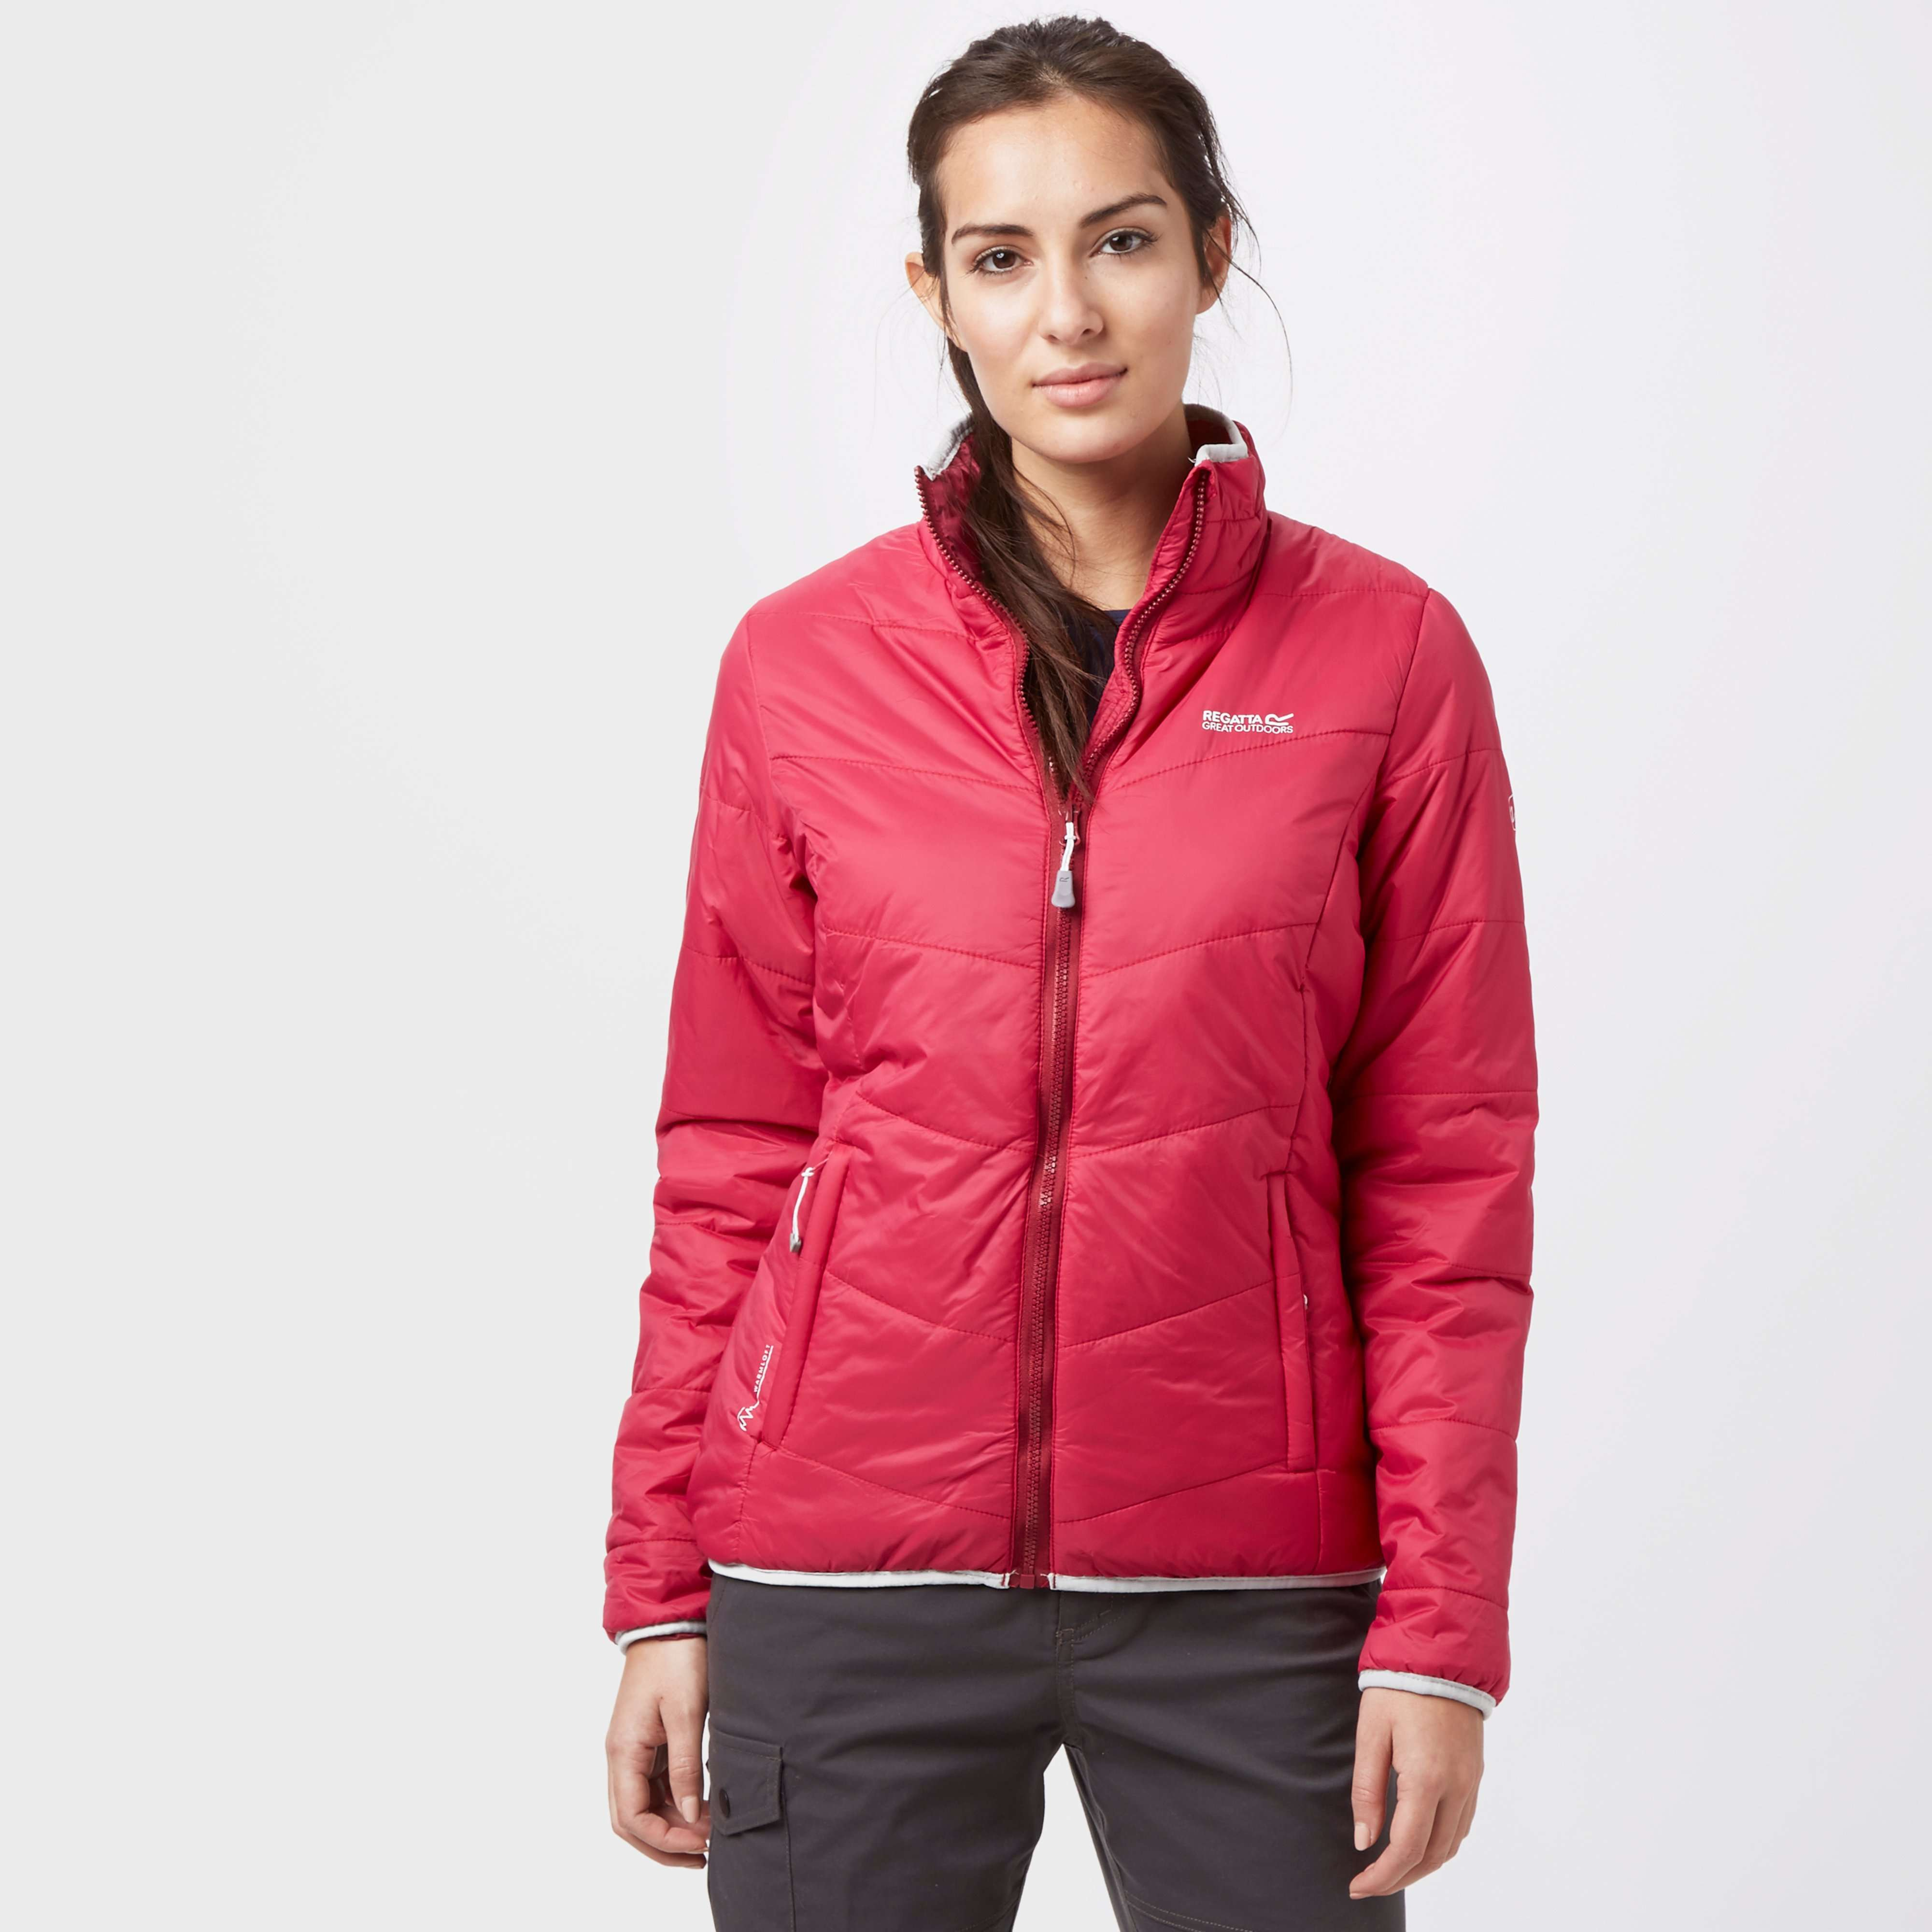 REGATTA Women's Icebound Insulated Jacket